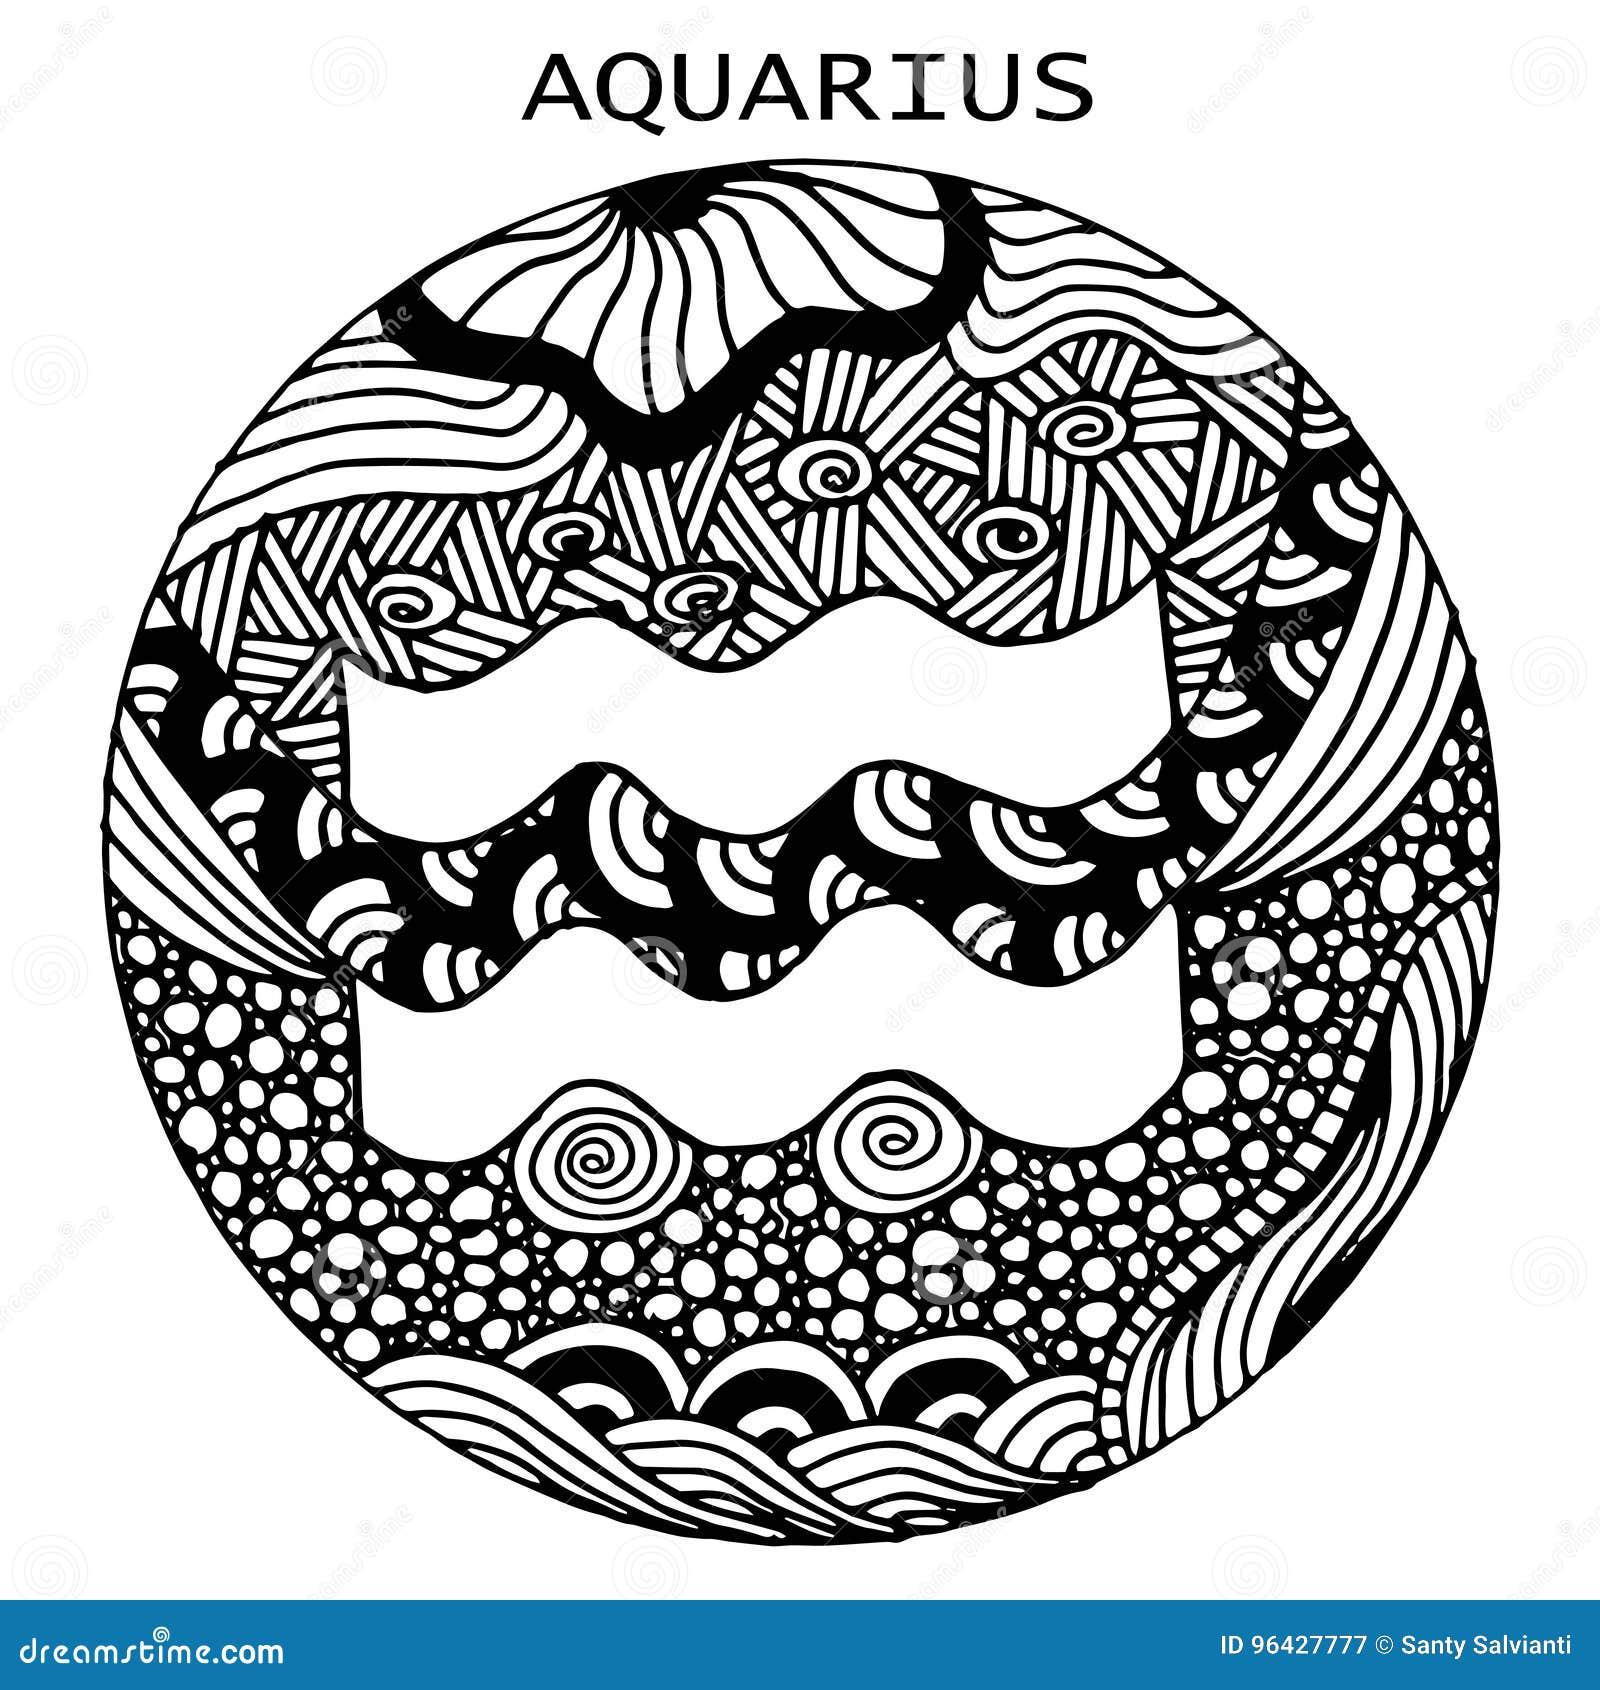 Disegno Acquario Segno Zodiacale.Disegnato A Mano Acquario Del Segno Dello Zodiaco